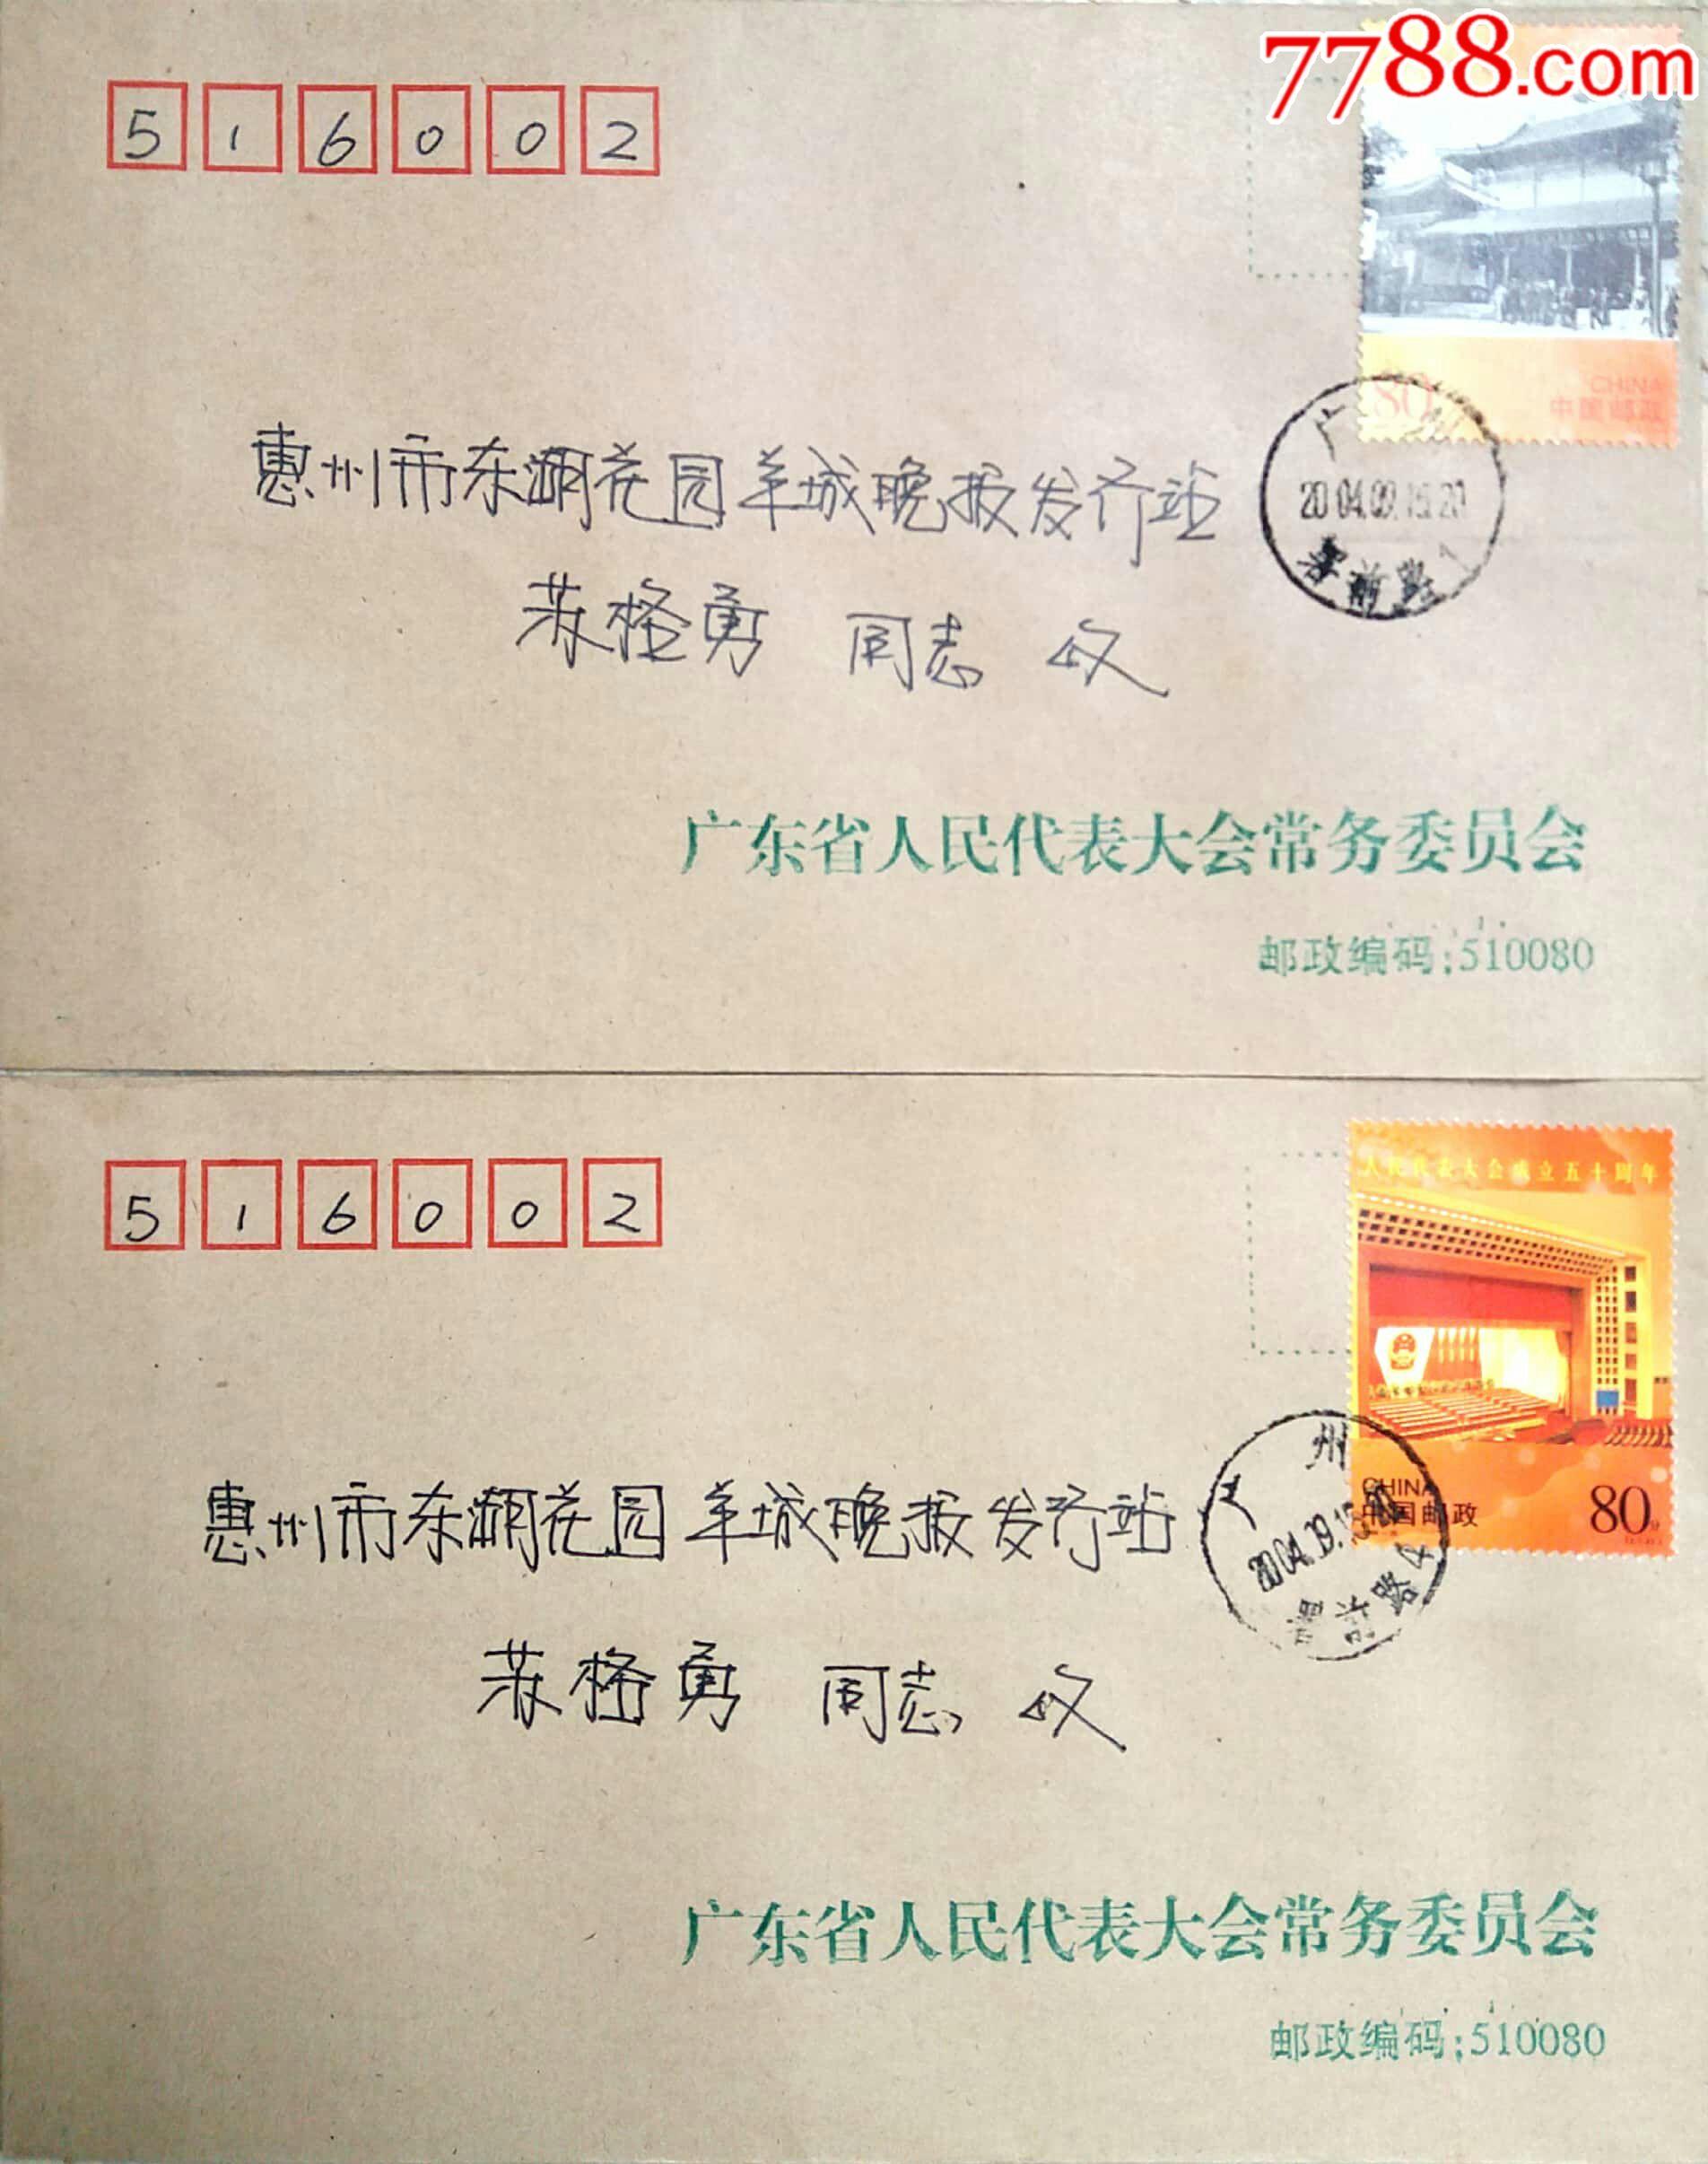 【1元起拍】2004-20《人民代表大会》广东省人大公函封首日平寄(2全)(au20921814)_